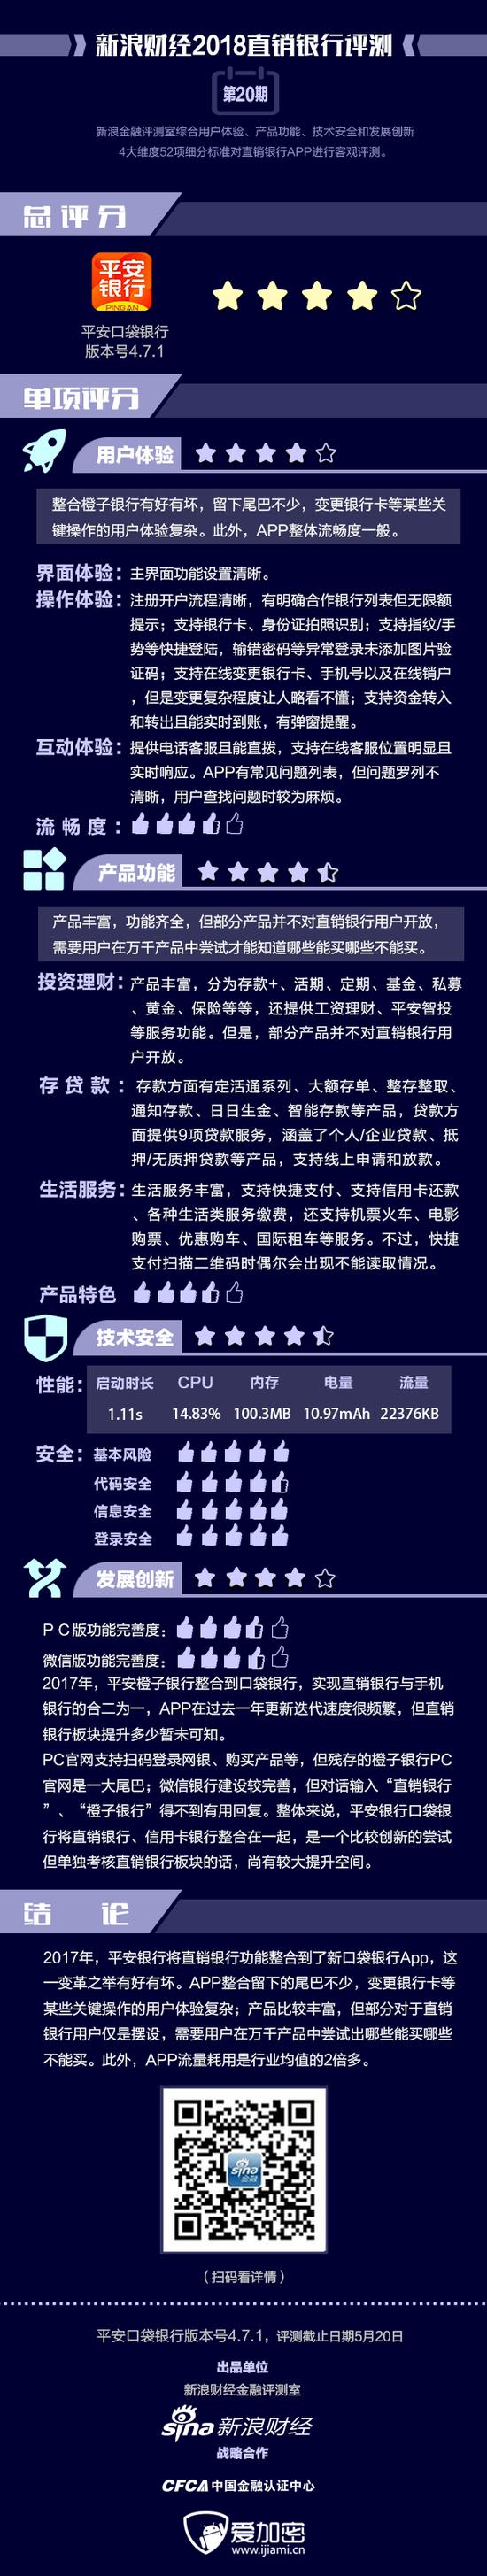 平安口袋银行评测分析: